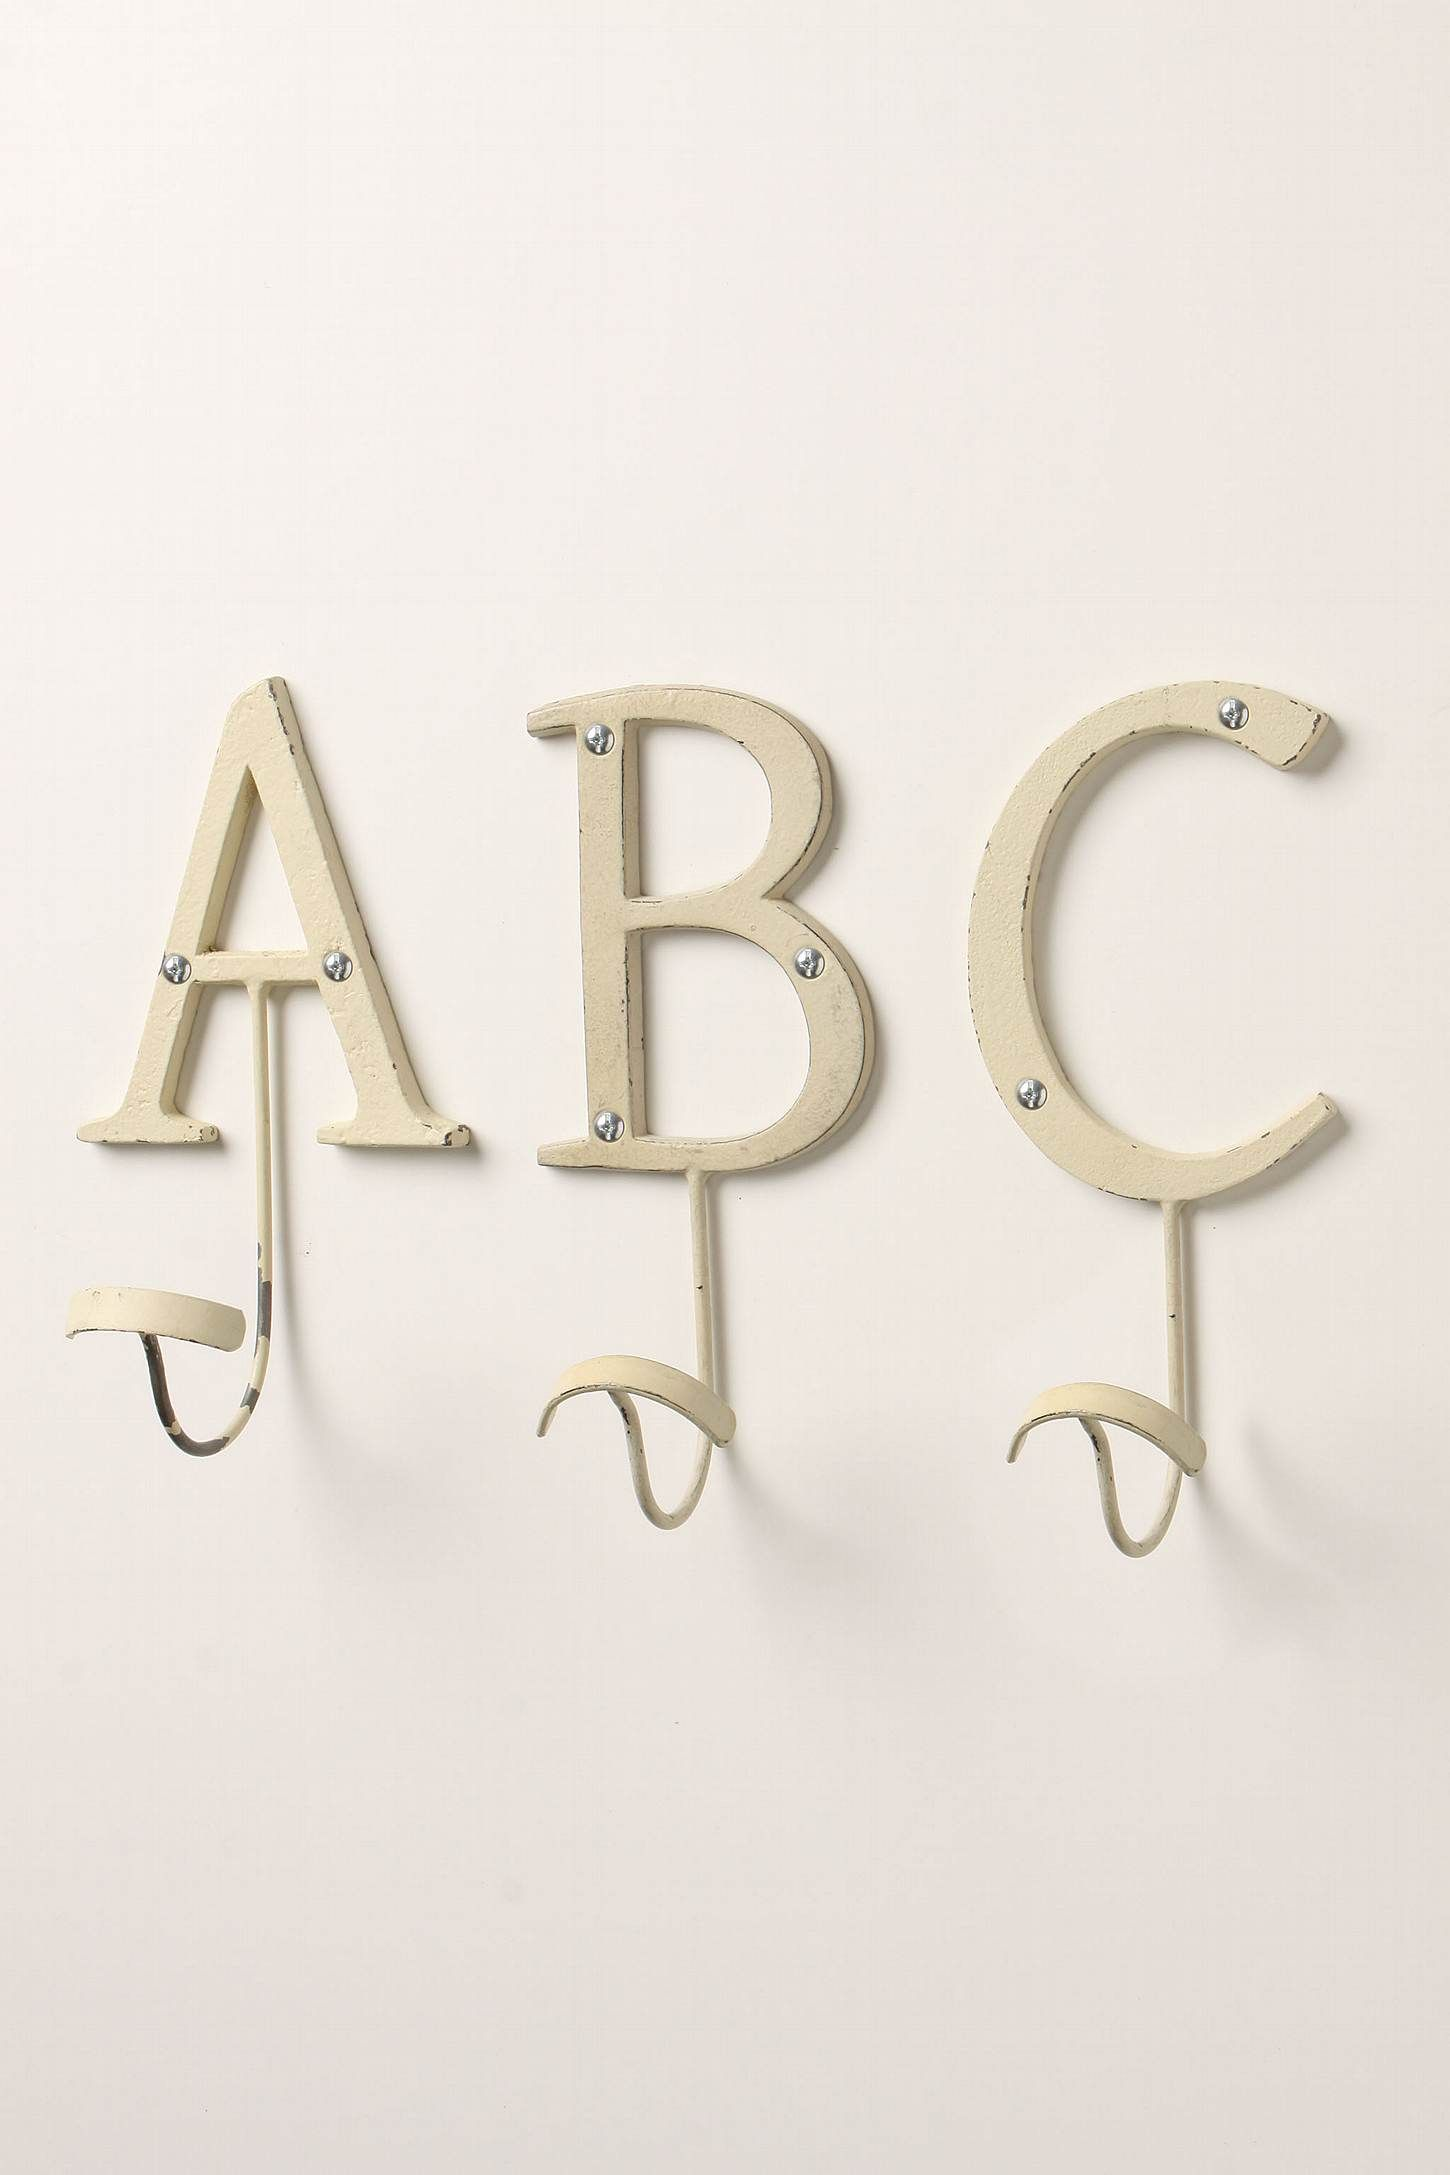 Alphabet Letter Hooks